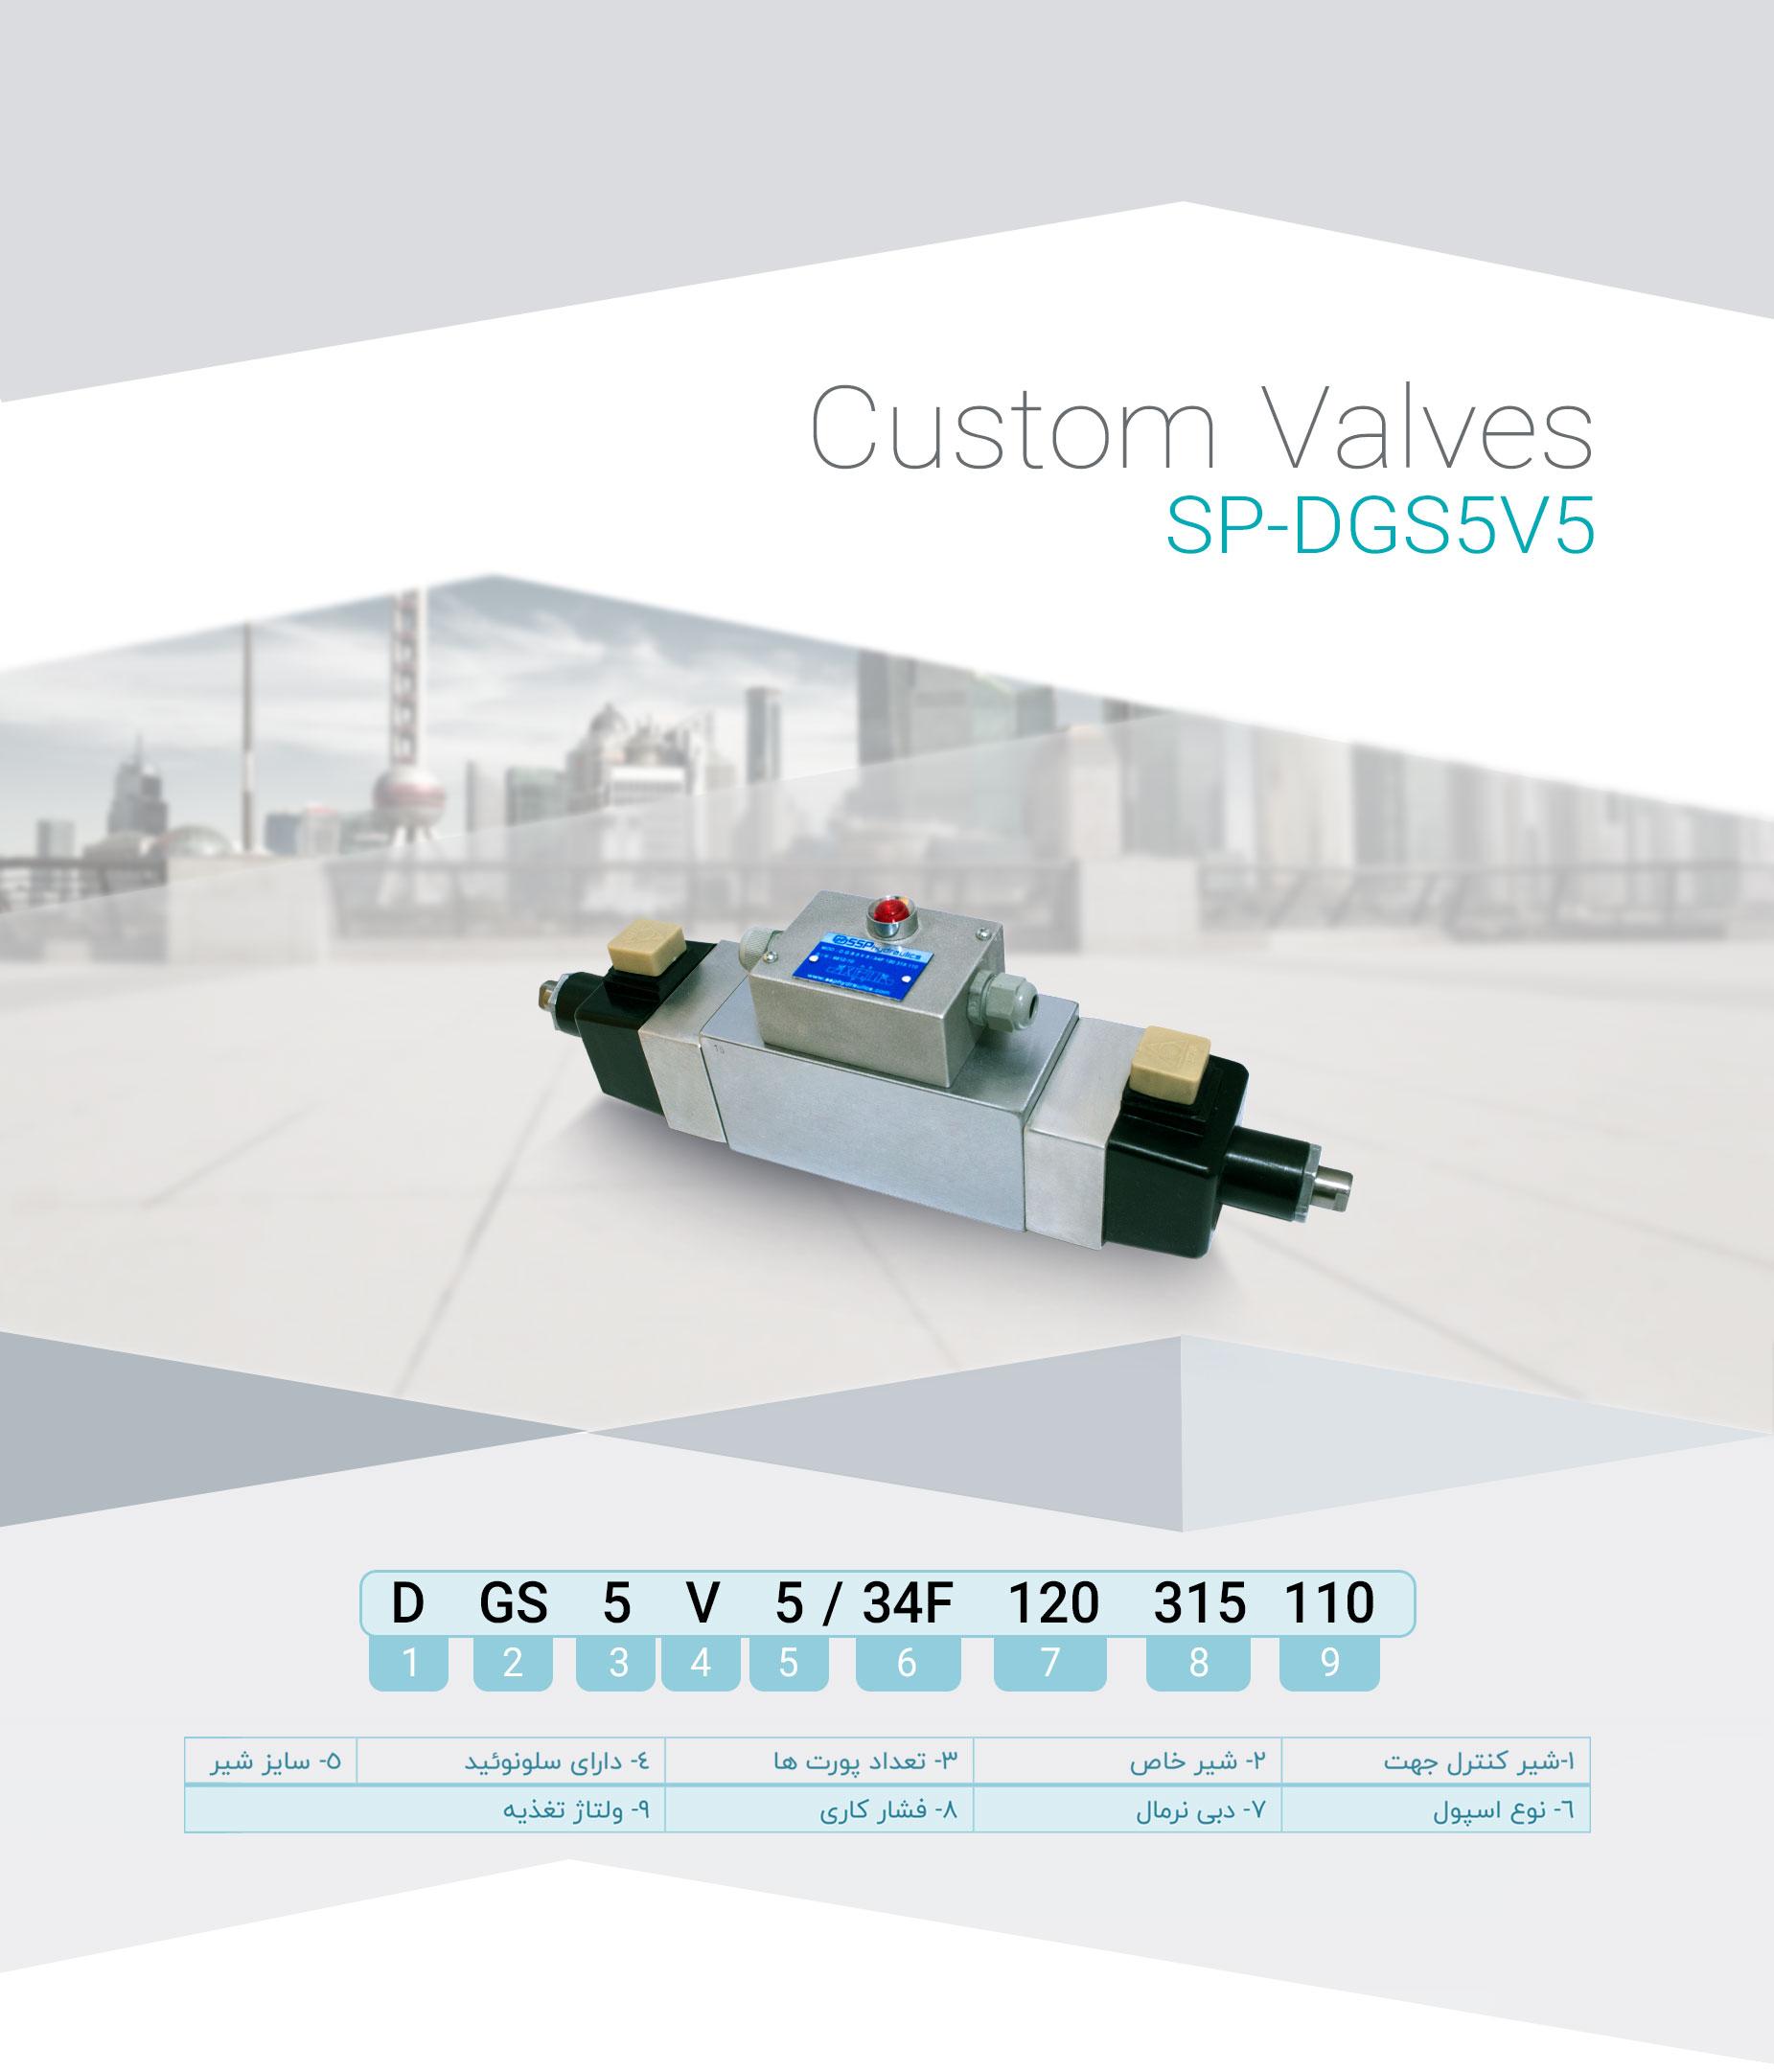 SP-DGS5V5(1)